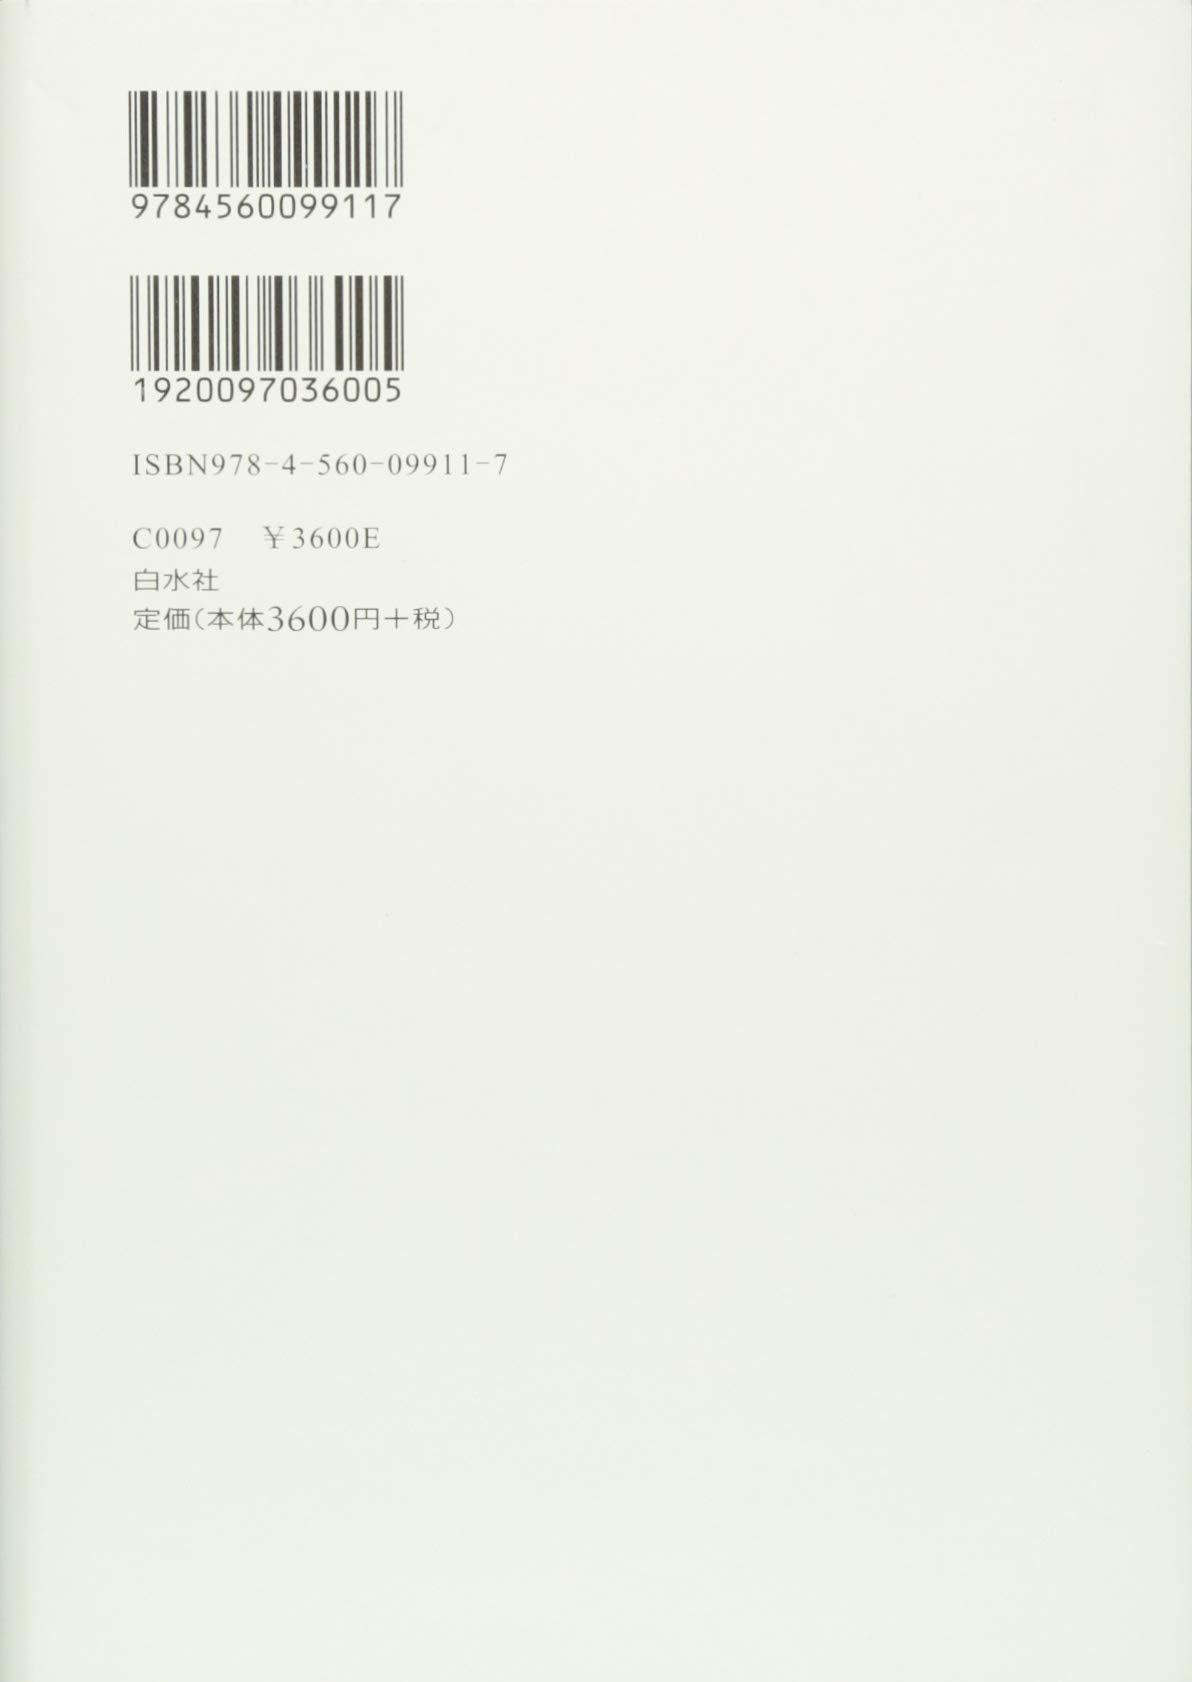 マーティン・イーデン (エクス・リブリス・クラシックス) | ジャック ...